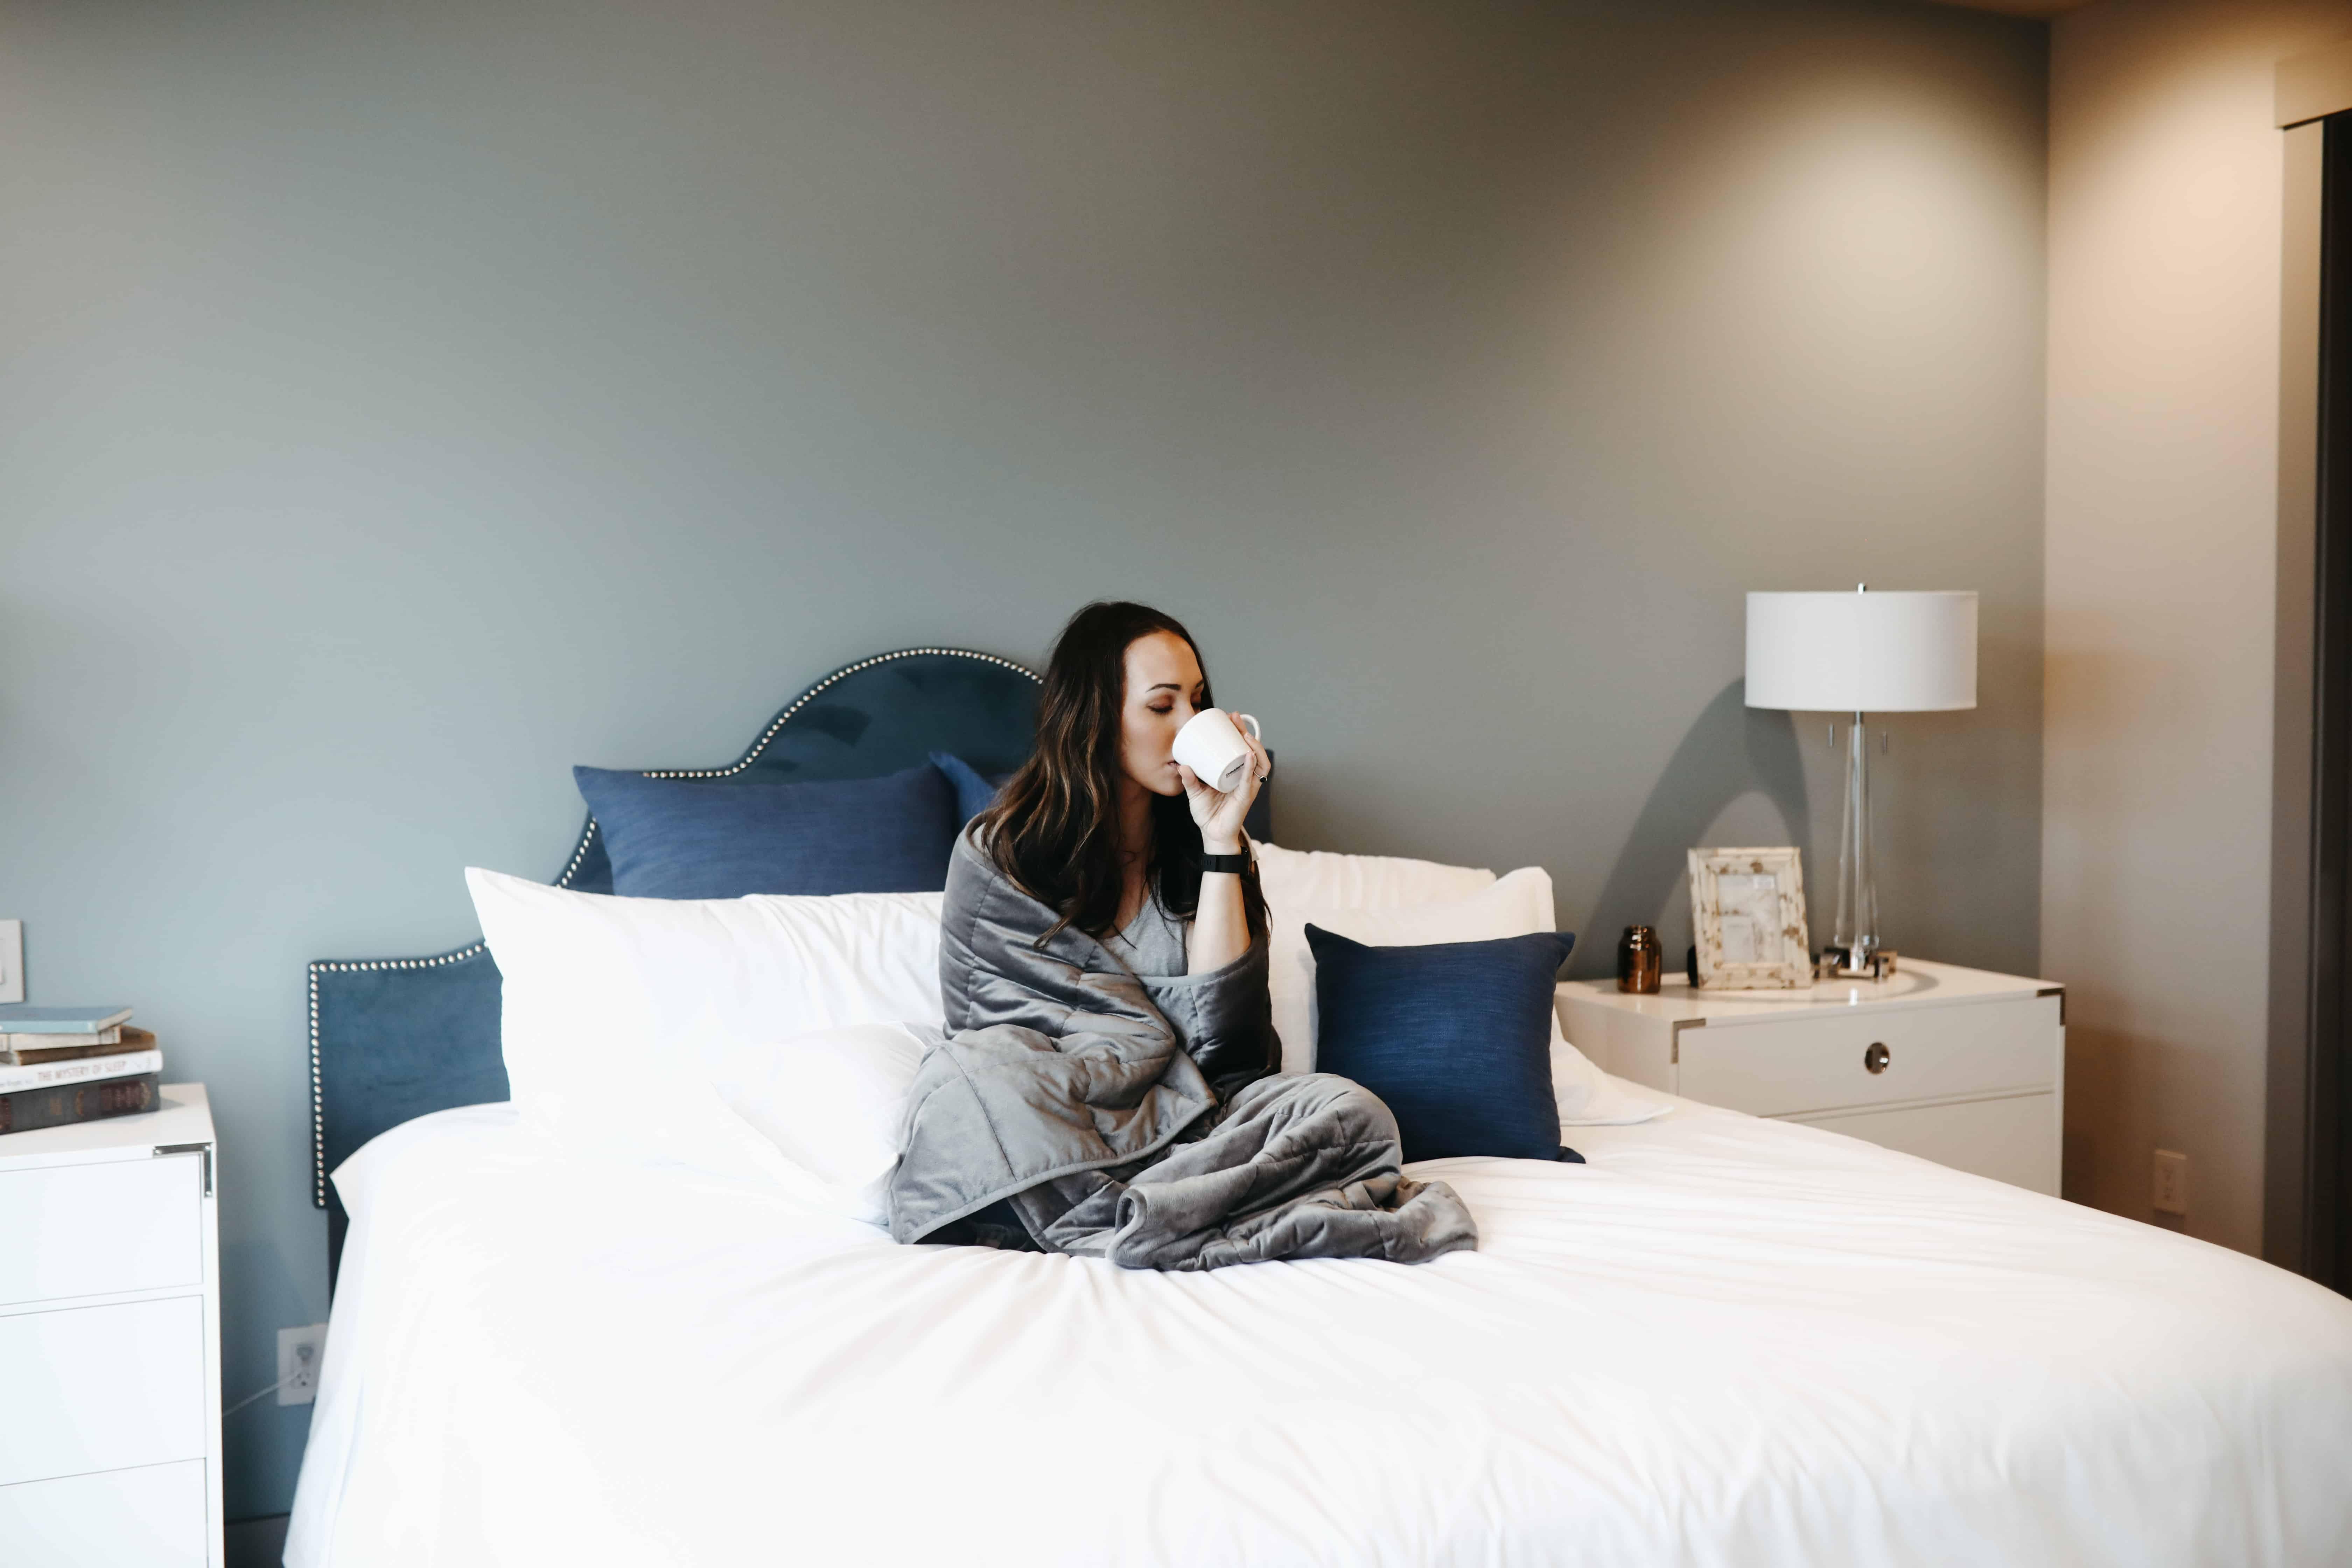 a relaxing bedroom